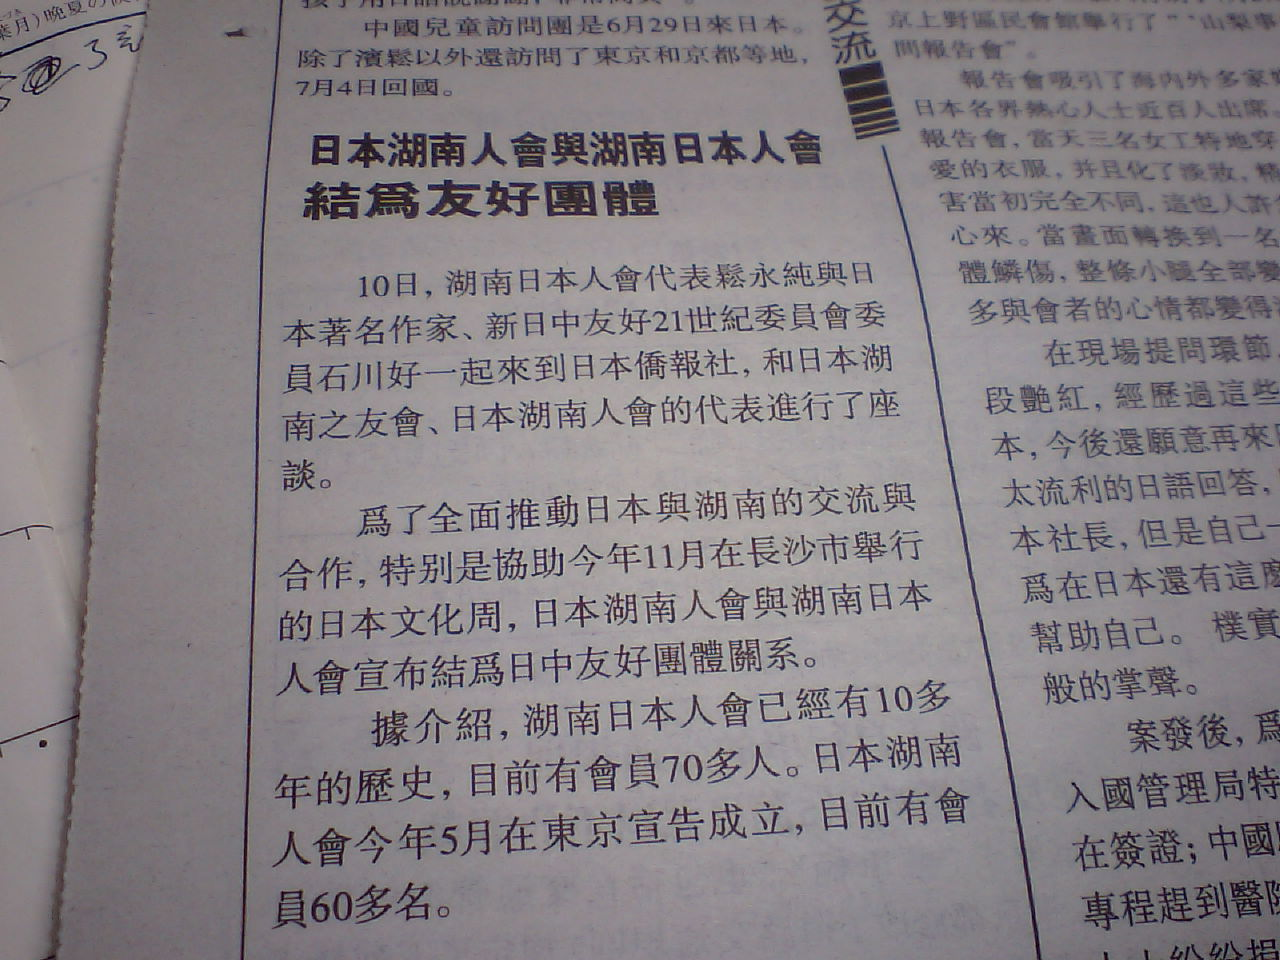 聯合週報 日本湖南人会と湖南日本人会友好関係のニュースを掲載_d0027795_21203384.jpg